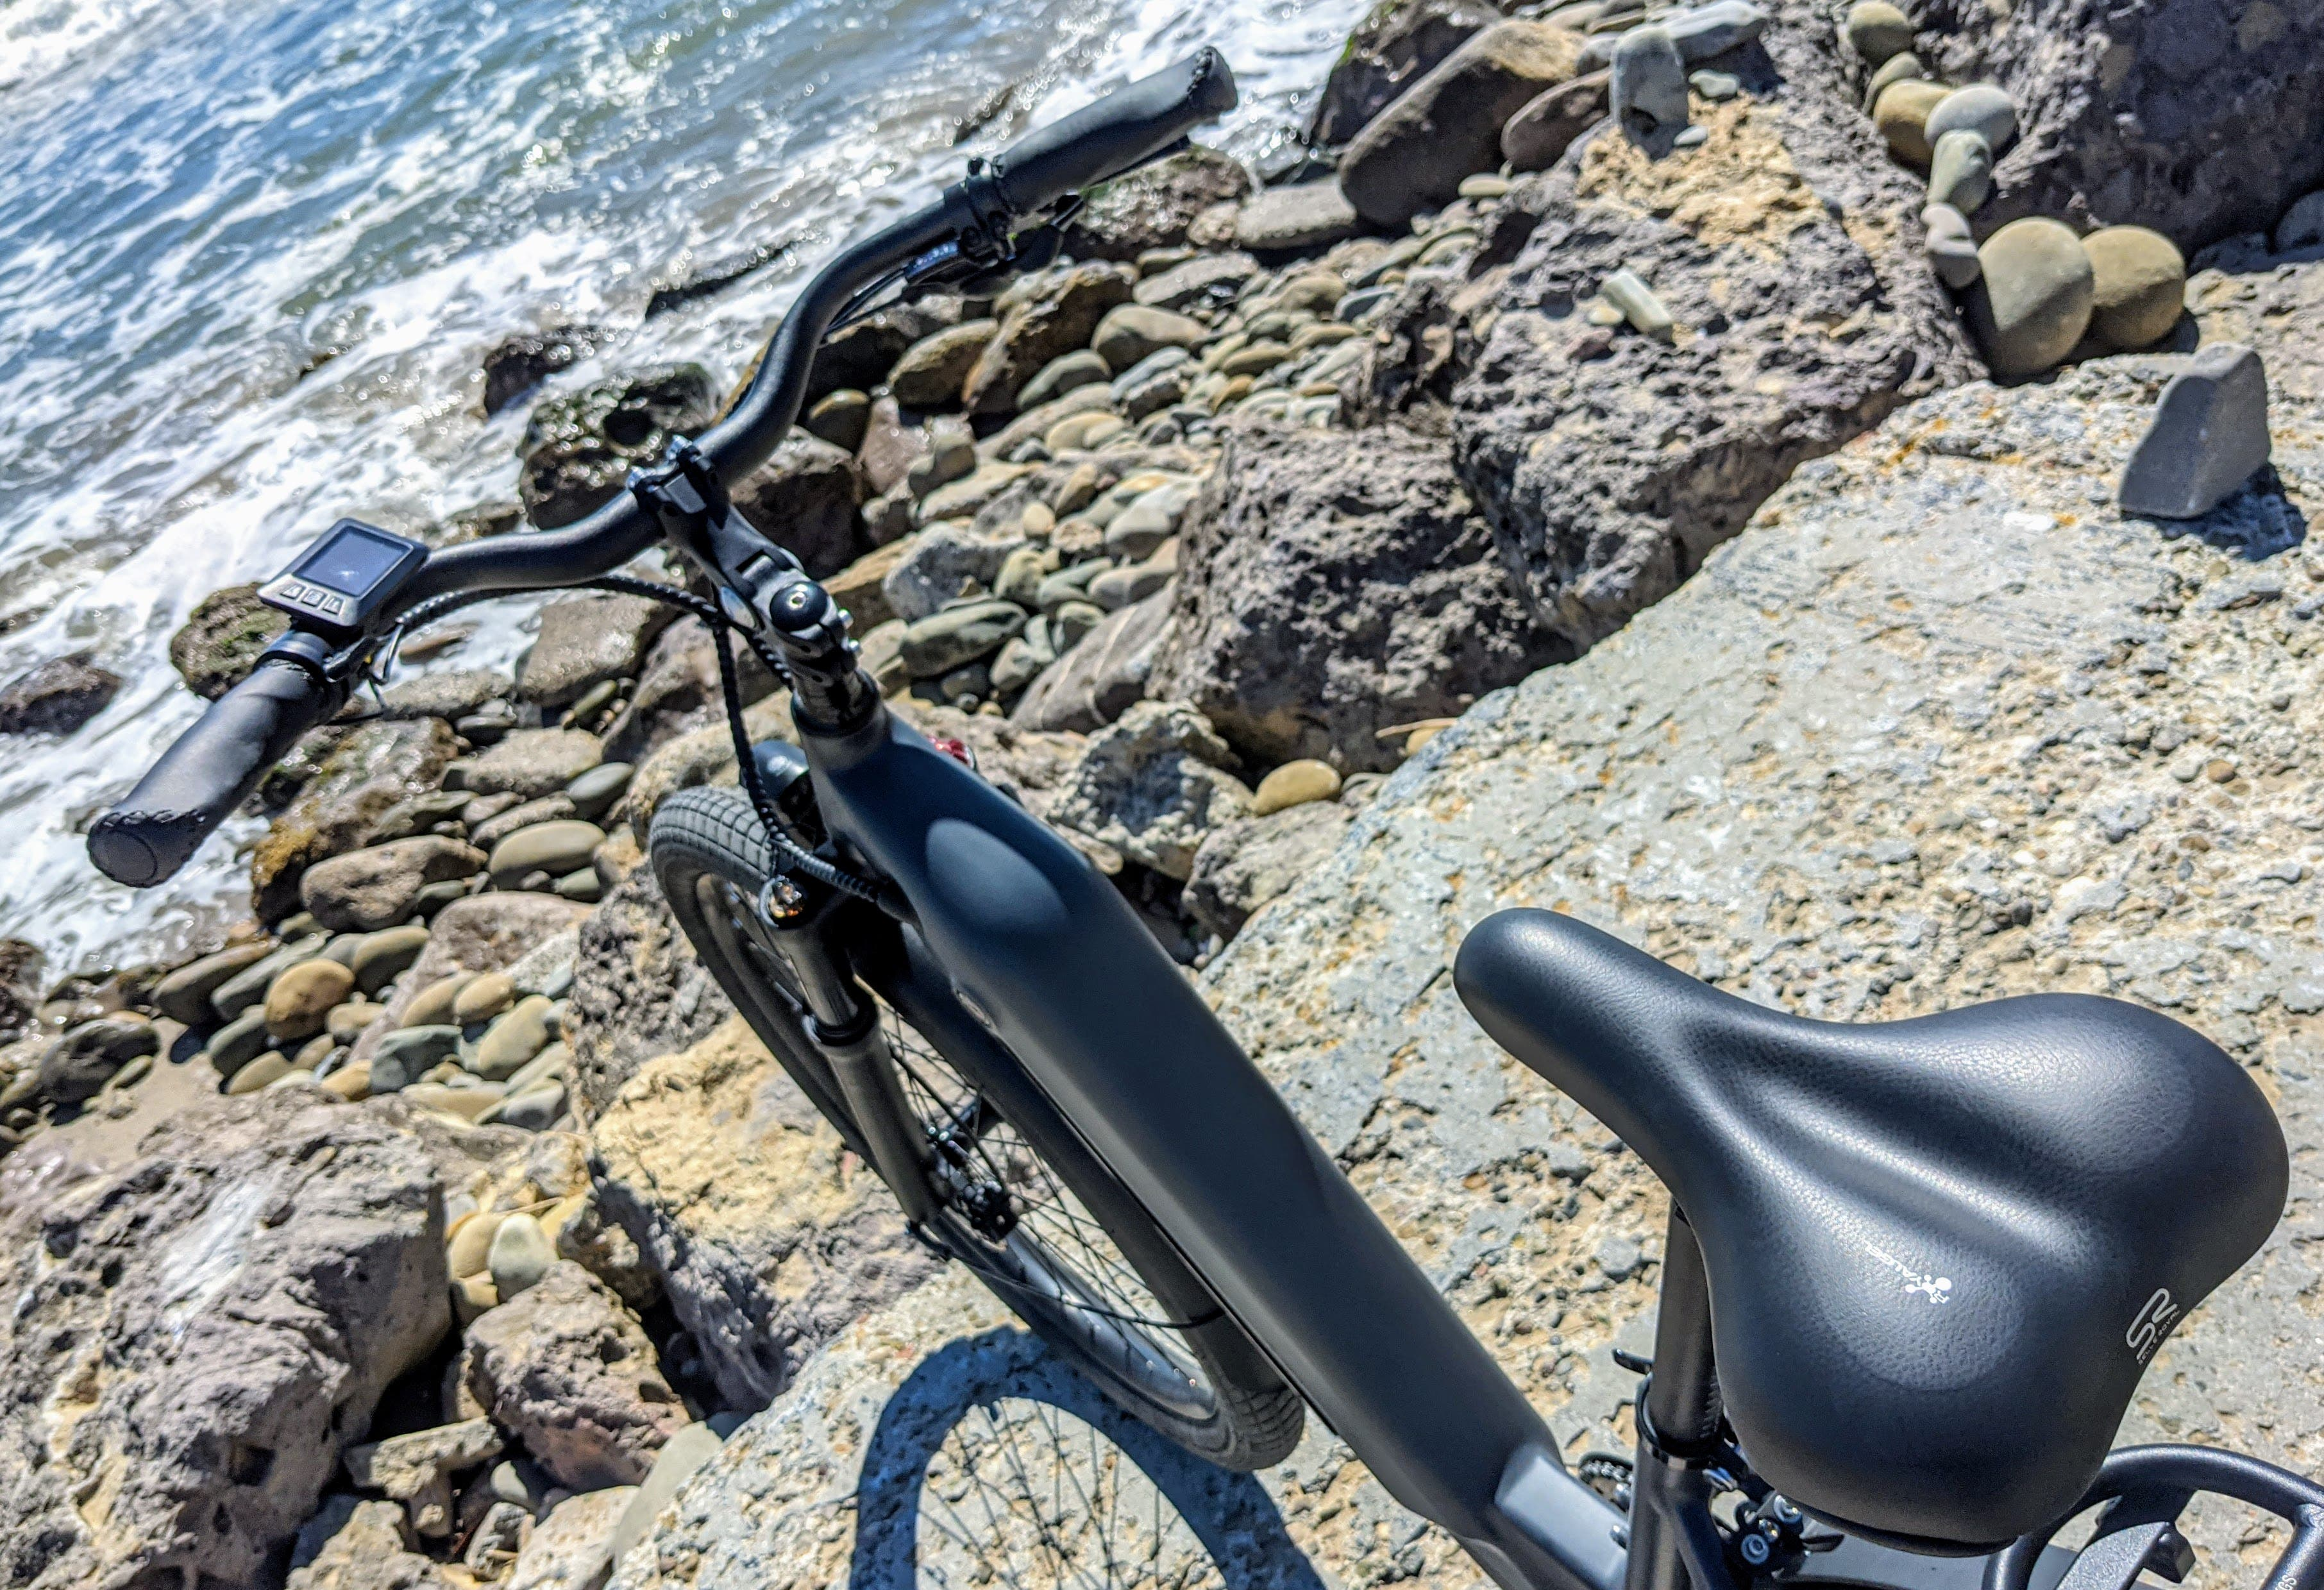 Bicicleta eléctrica Step-Through serie Ride1Up 700